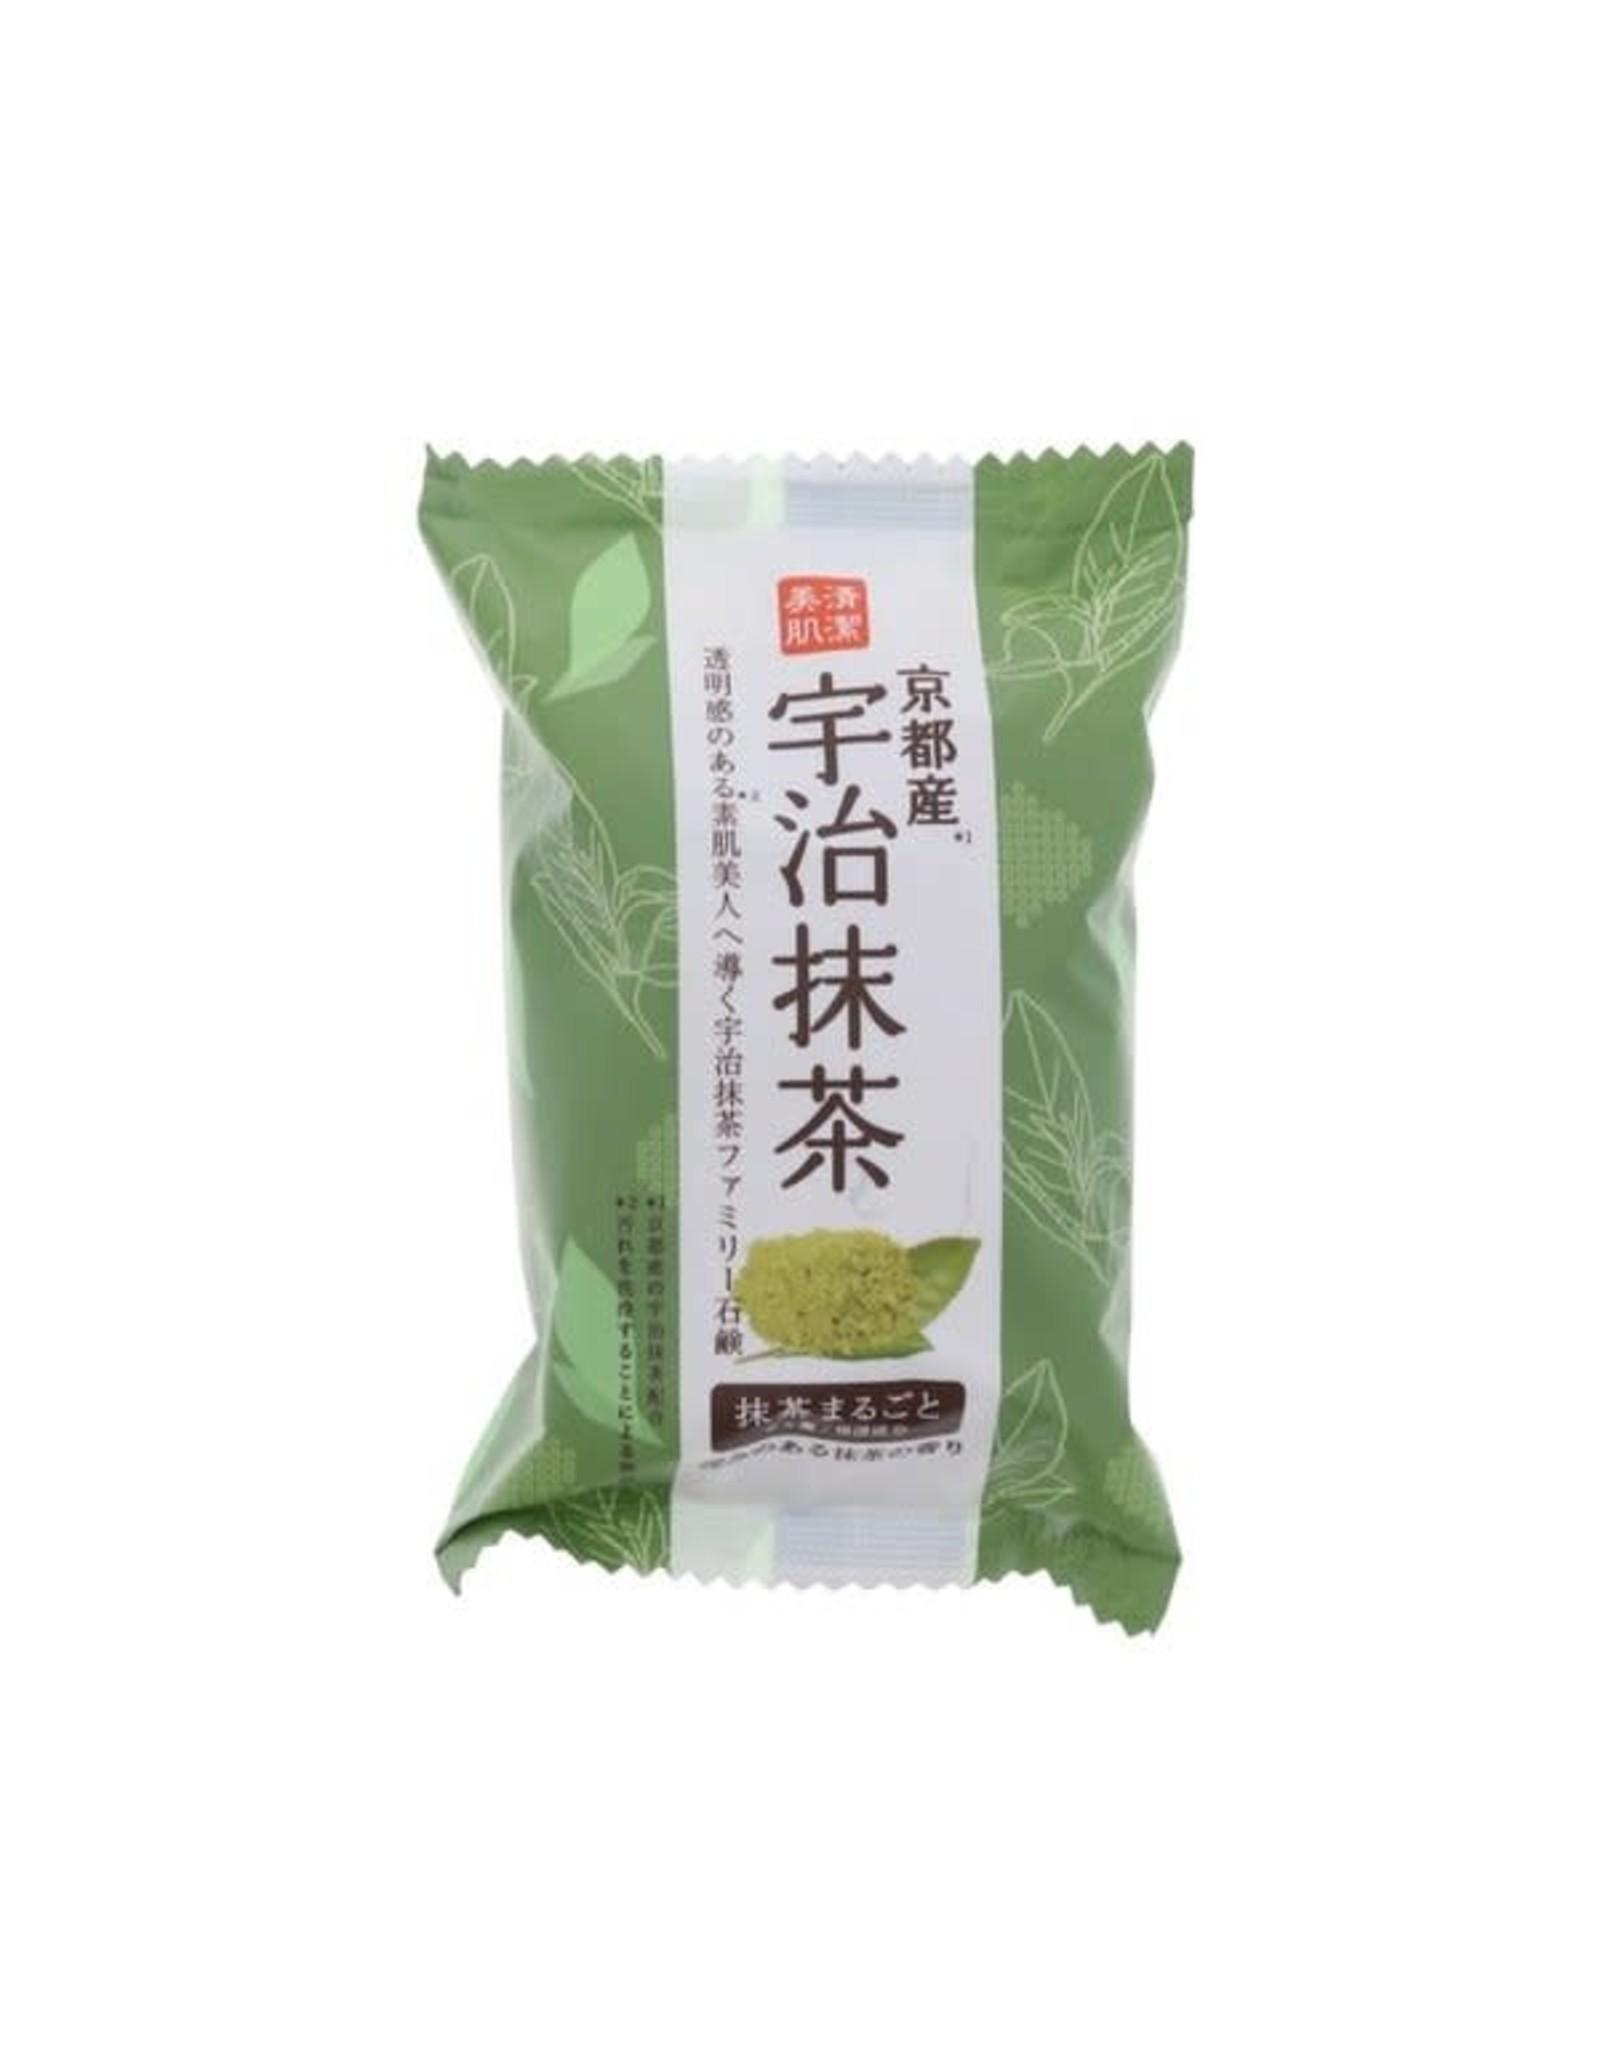 Pelican Pelican Family Matcha Green tea Soap